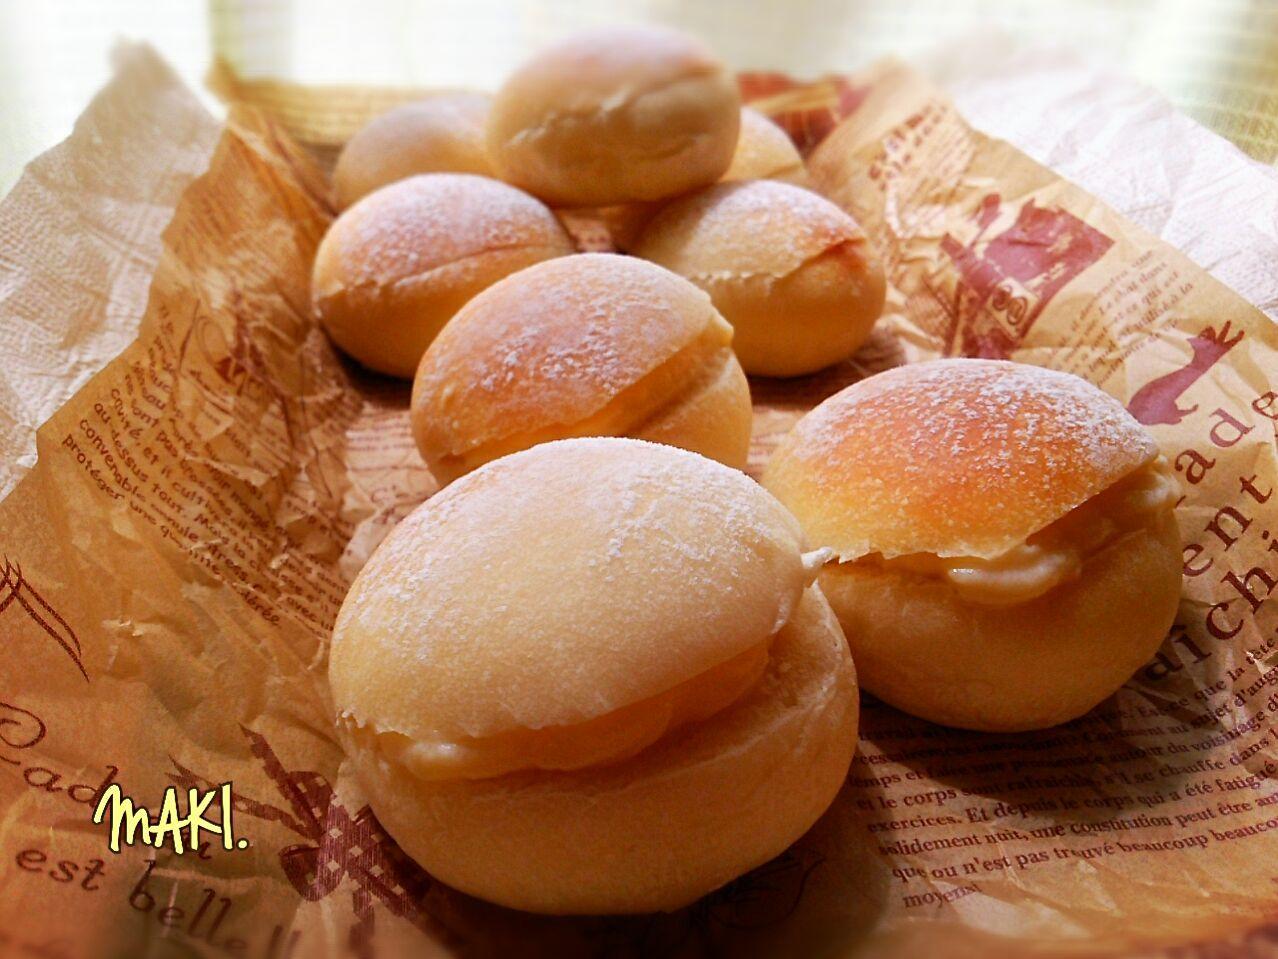 生クリーム入りふわふわ丸パンのレモンクリームサンド レシピ レモンクリーム クリームサンド 食べ物のアイデア